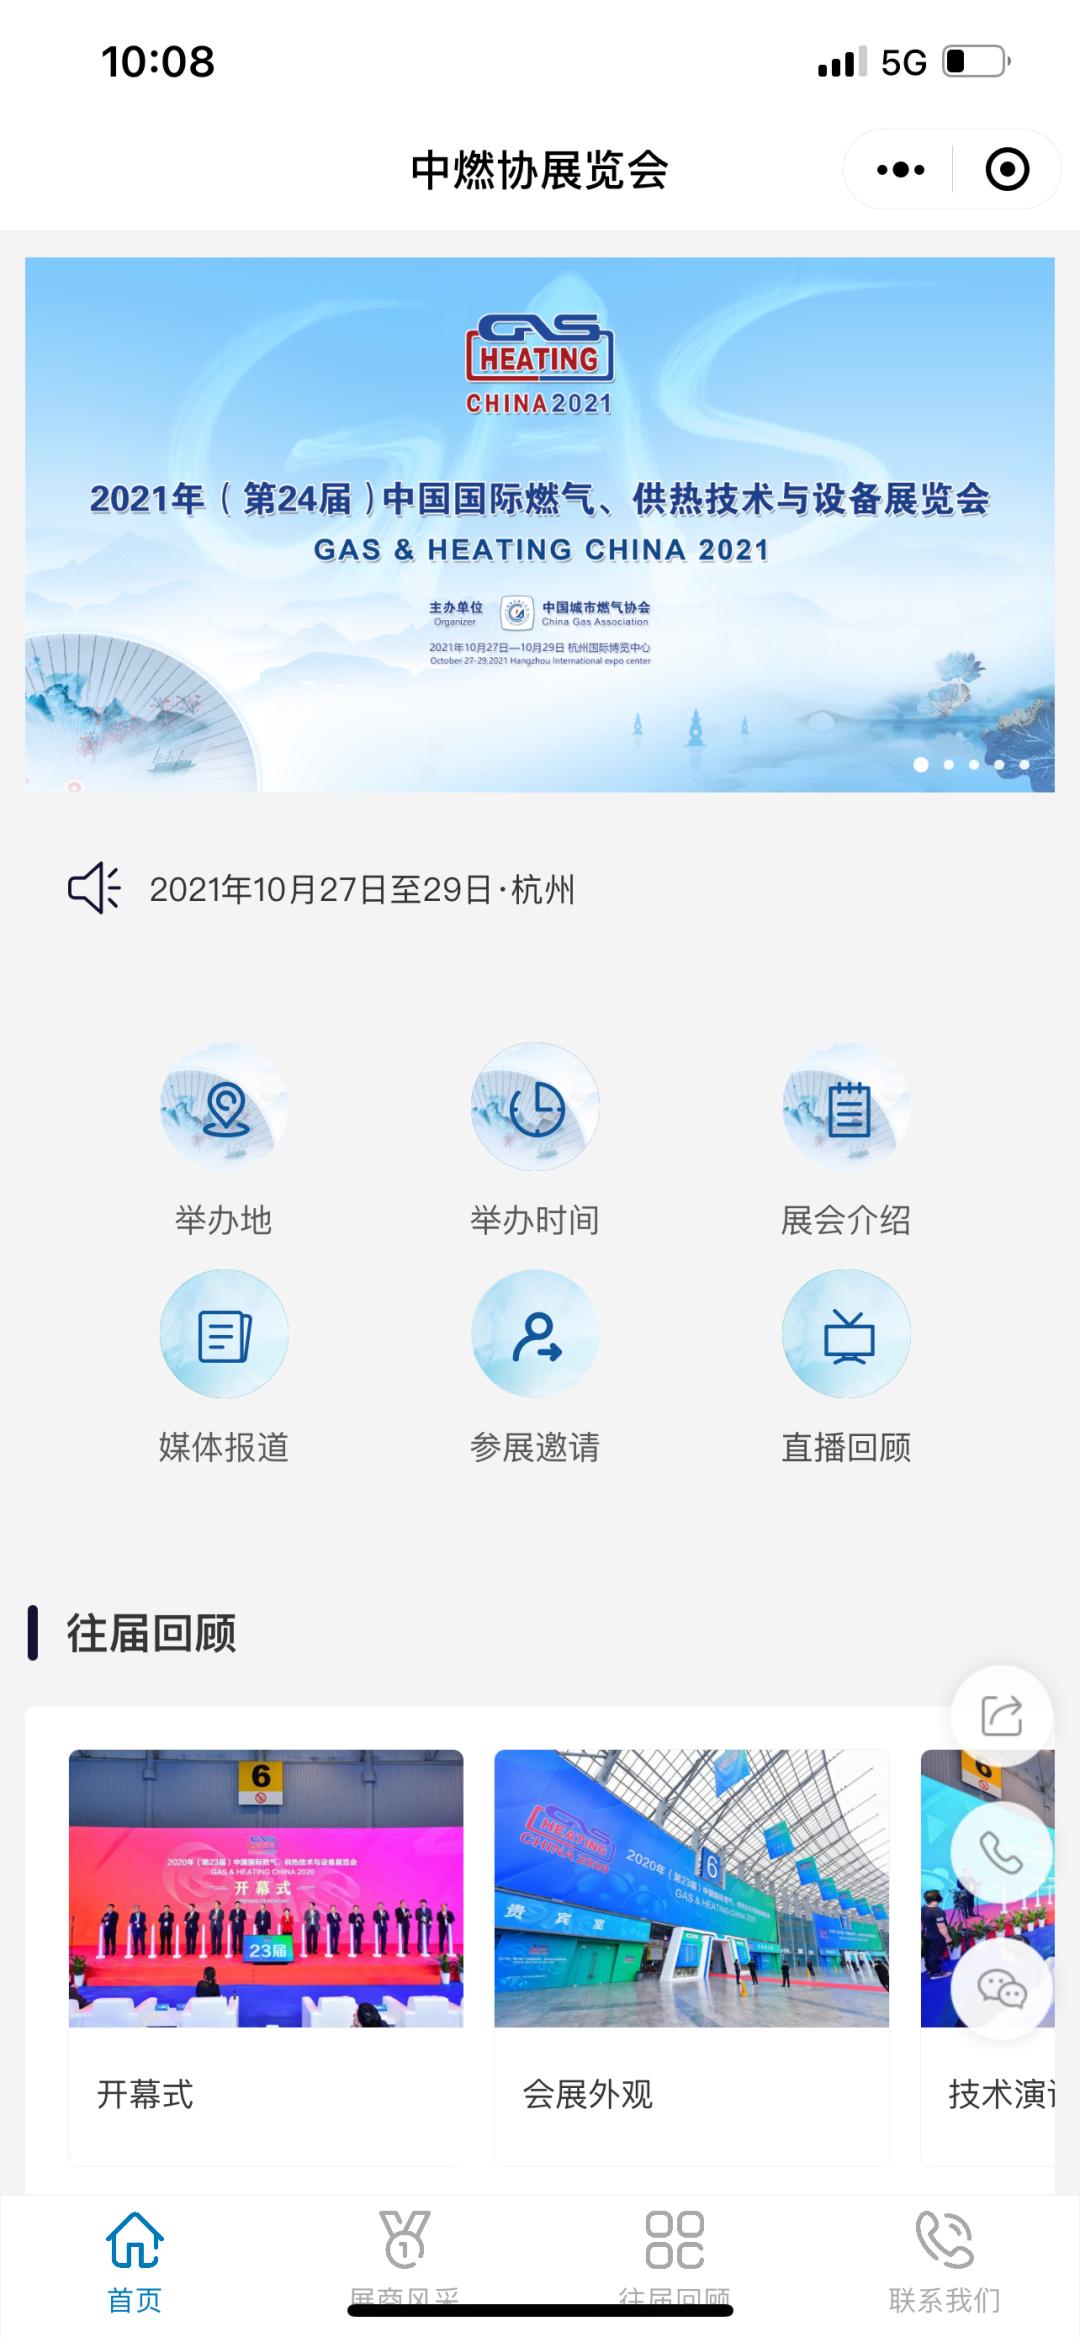 """""""2021年中燃协展览会""""小程序上线啦"""